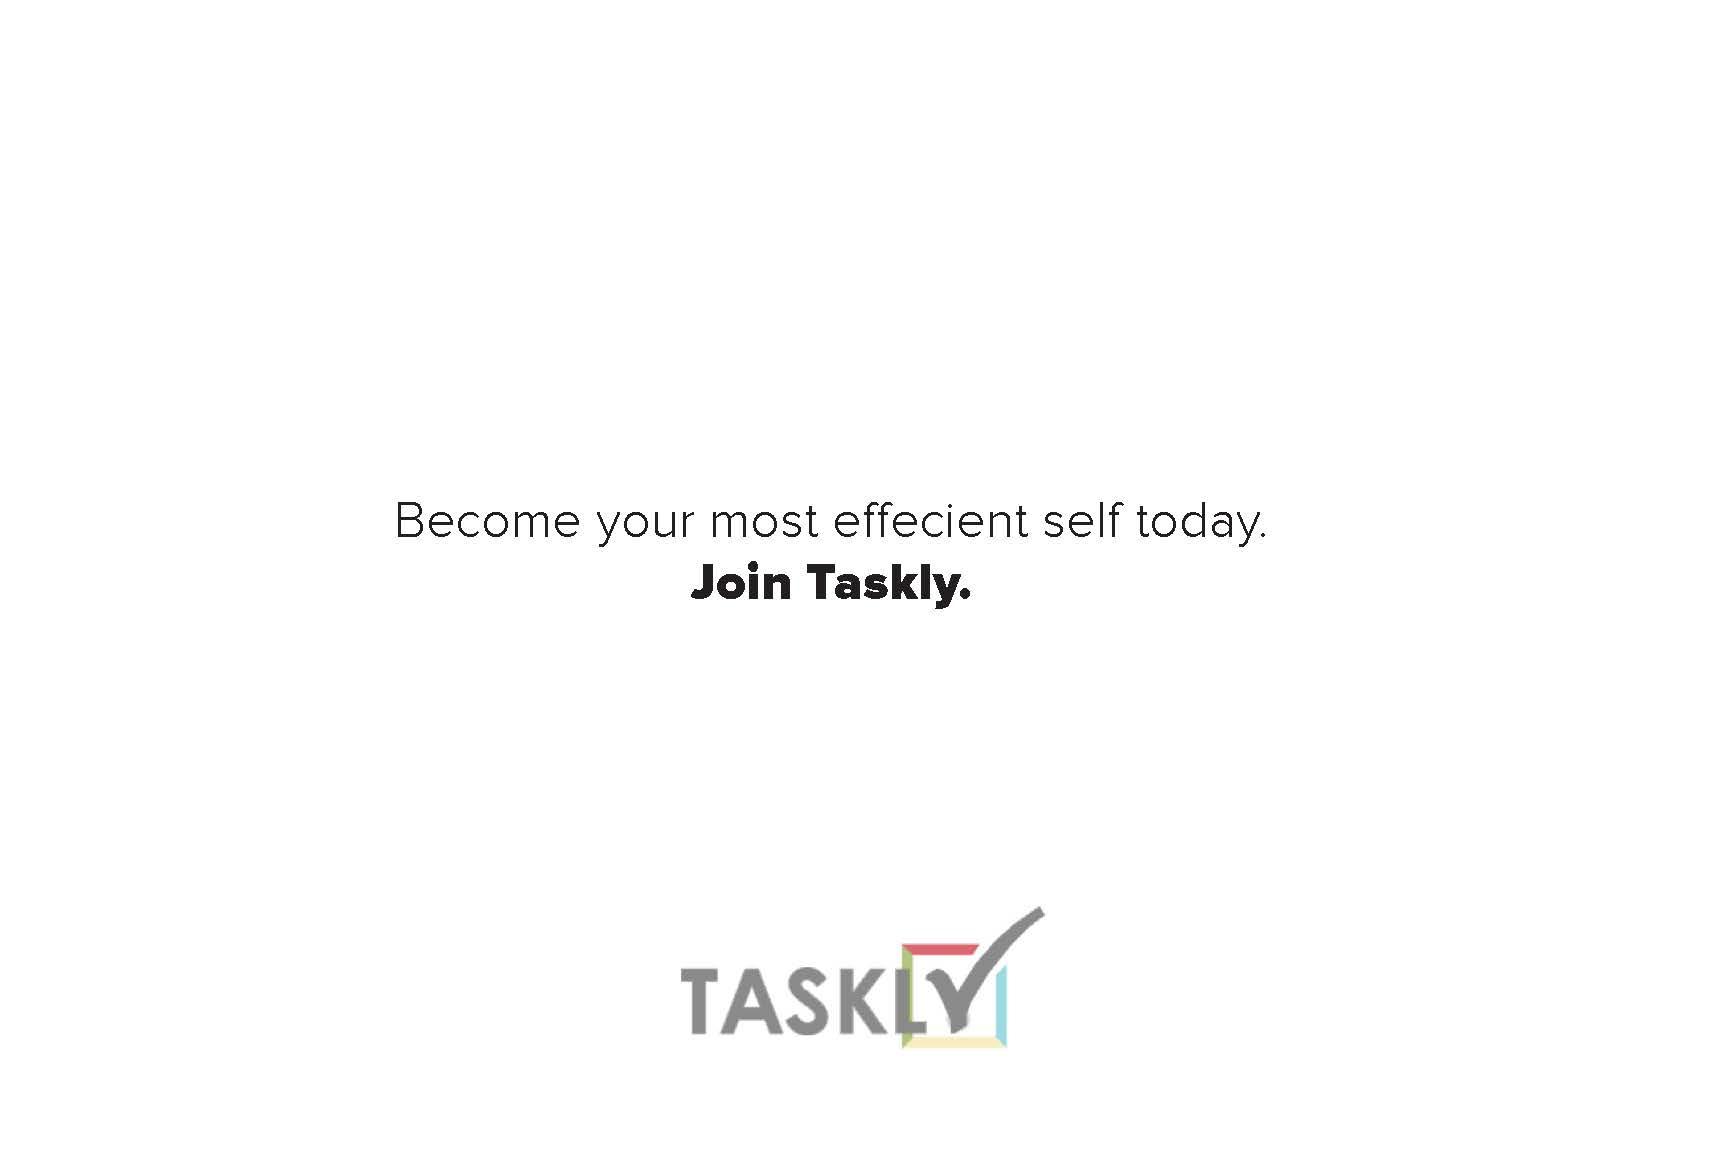 AH_taskly_final_Page_11.jpg